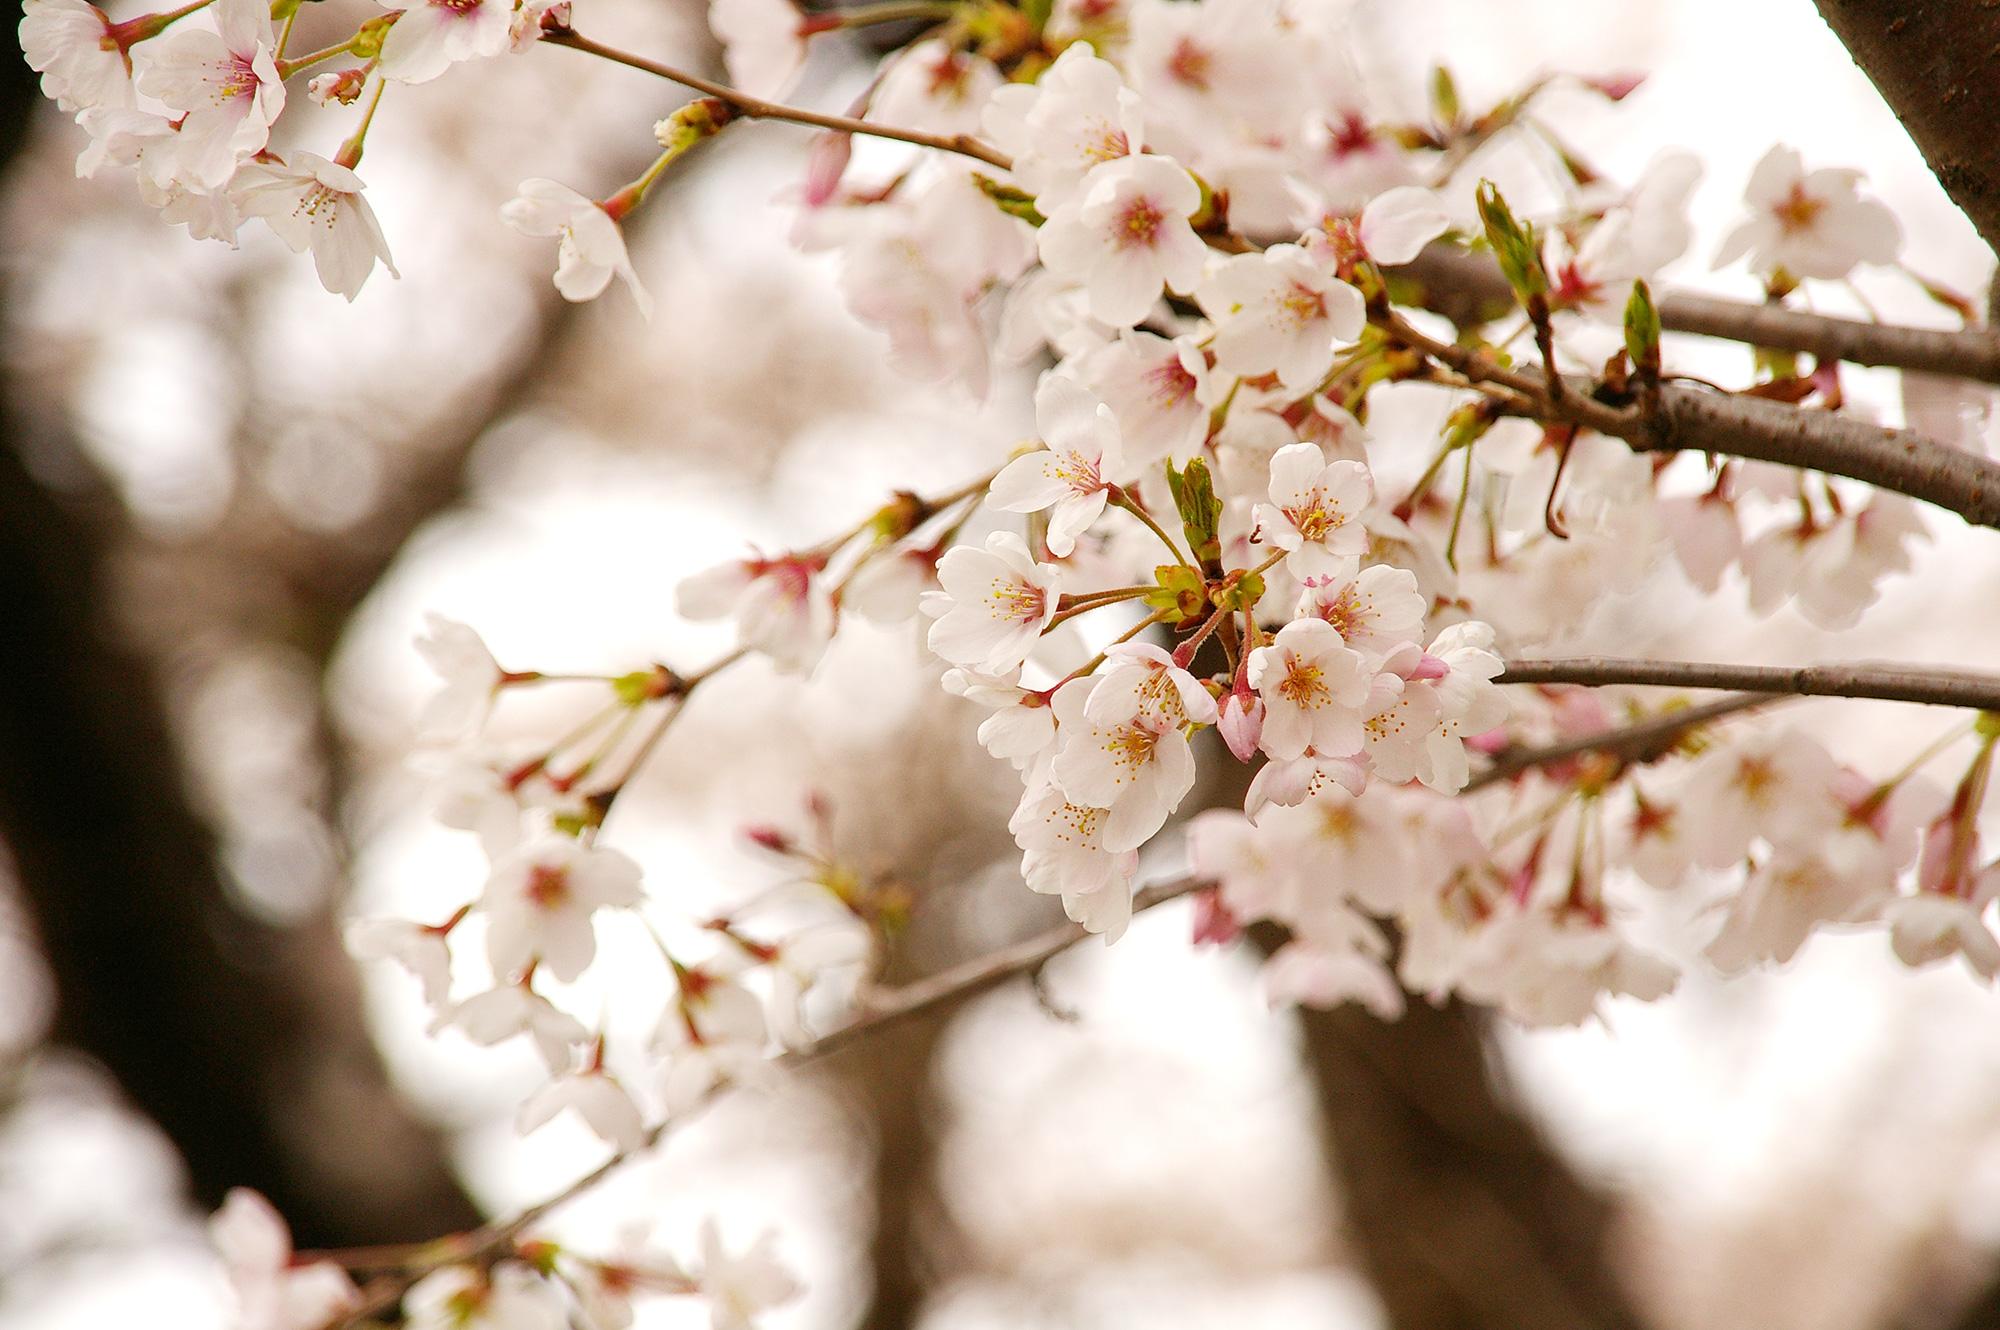 桜満開の写真のフリー素材